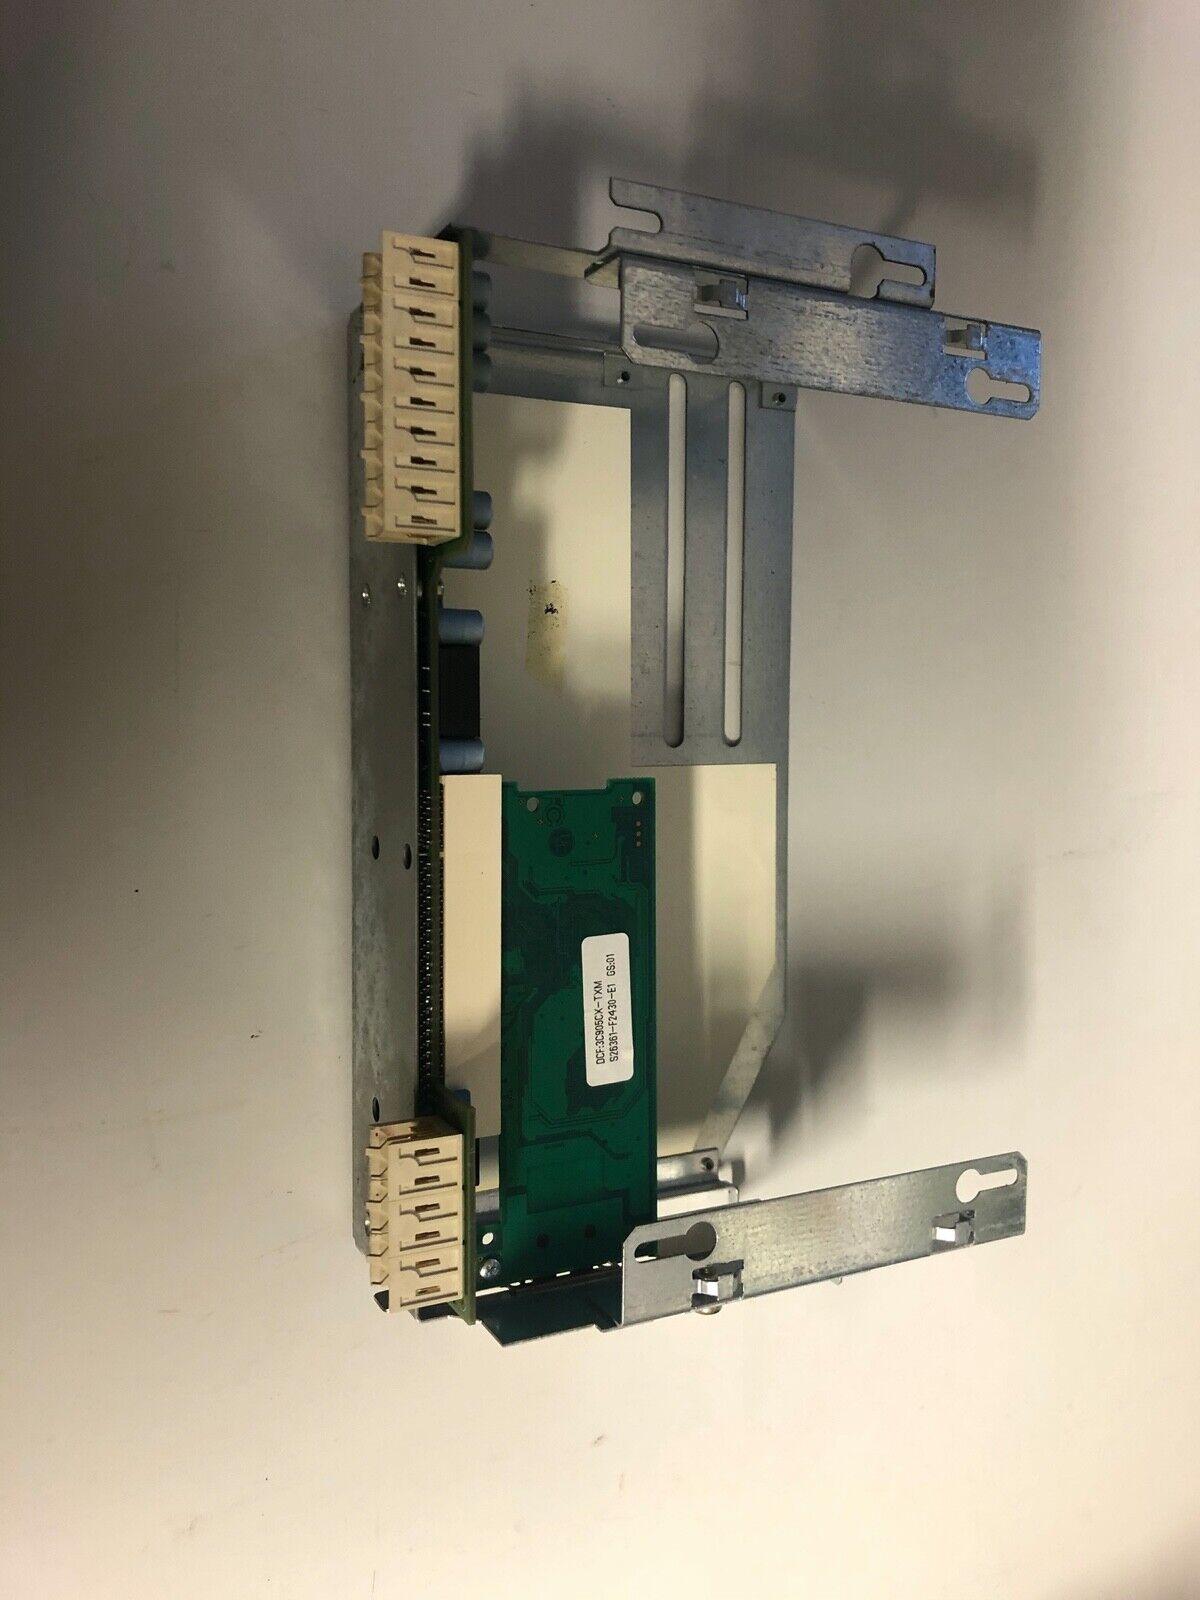 D Siemens Sinumerik 840d PCI//ISA-BOX 6fc5247-0aa02-1aa0 versione